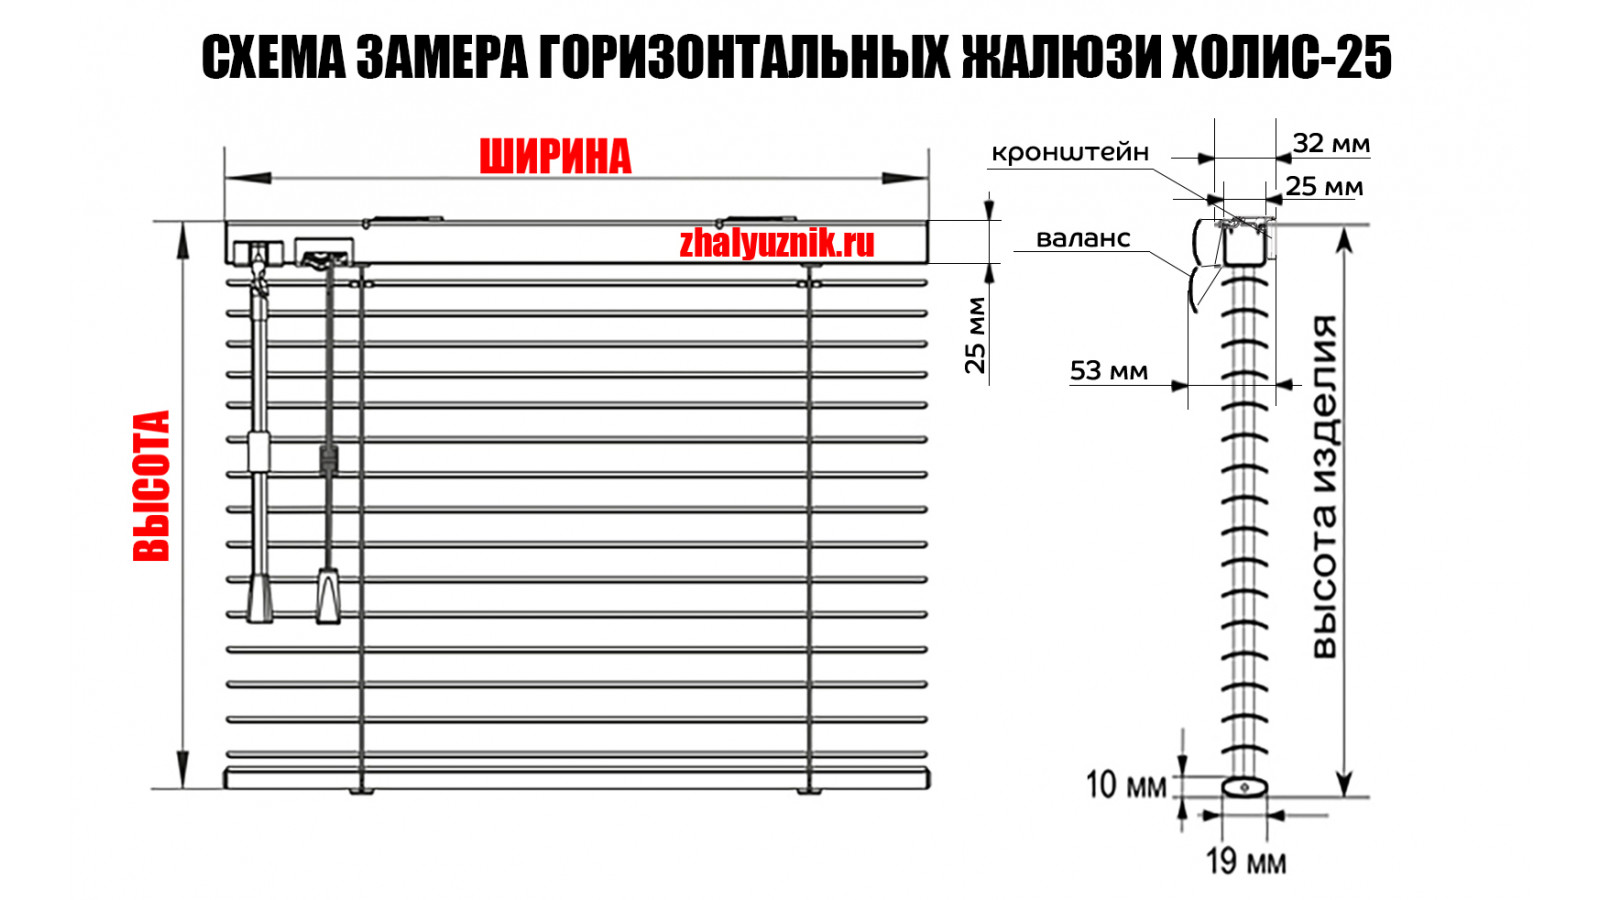 Горизонтальные жалюзи Холис-25, цвет светло-коричневый, глянец, артикул-10 (Интерсклад)